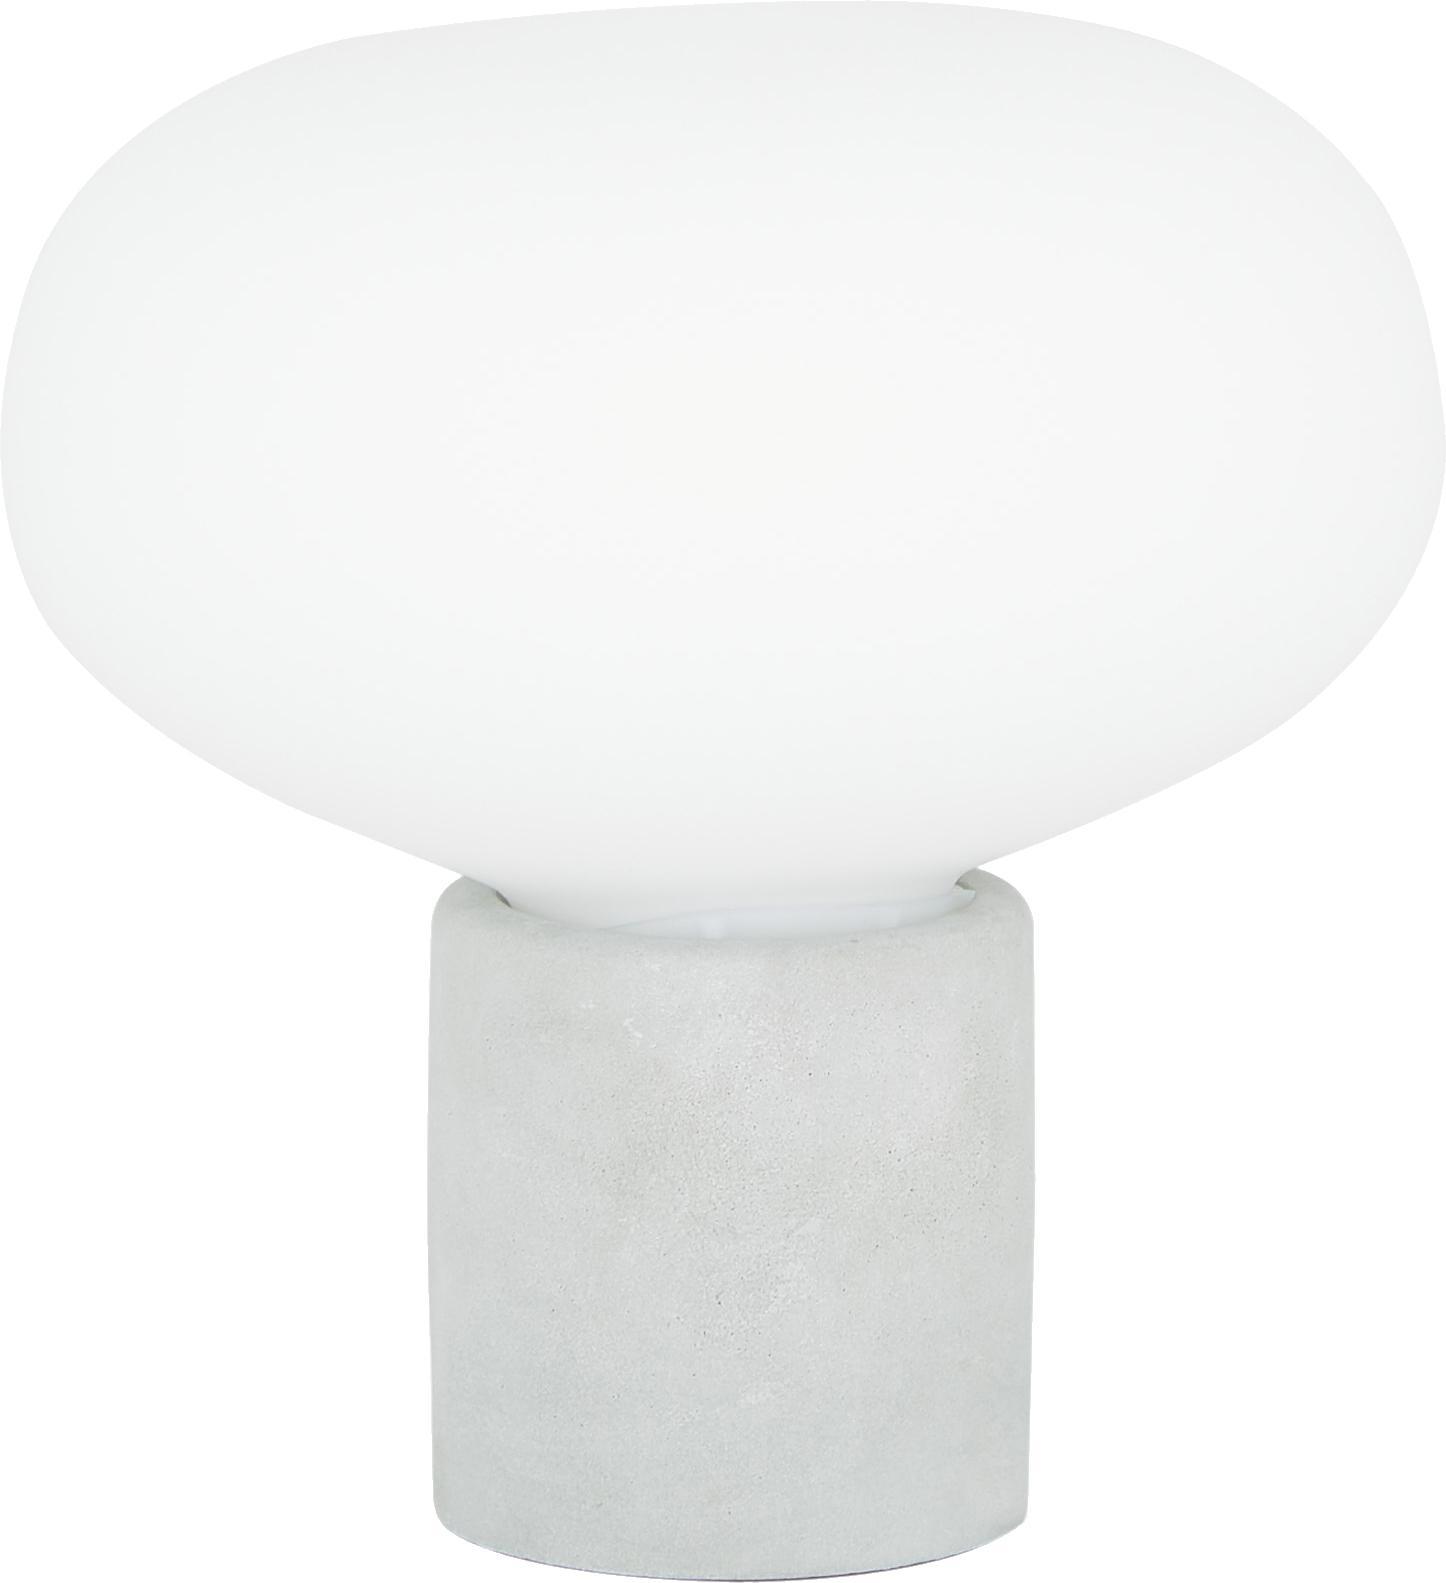 Lampada da tavolo in cemento Alma, Base della lampada: cemento, Paralume: vetro, Base della lampada: cemento grigiastro Paralume: bianco, Ø 23 x Alt. 24 cm